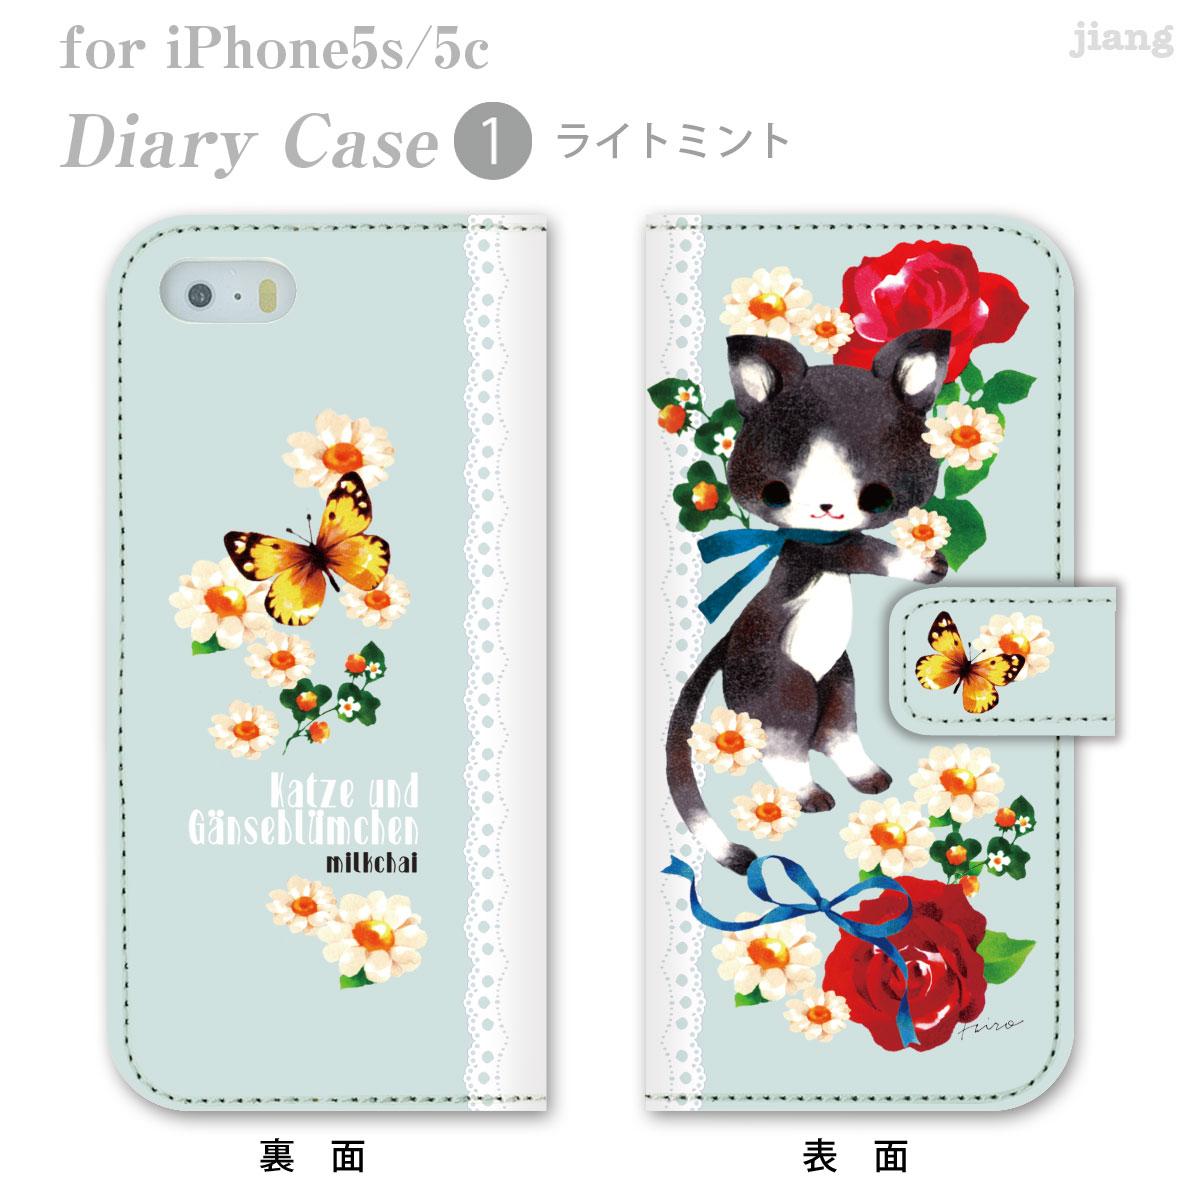 スマホケース 手帳型 全機種対応 iPhone7ケース iPhone7 Plus iPhone6s iPhone6 Plus iPhone5s iPhone5c AQUOS Xperia Z5 Z4 Z3 ARROWS GALAXY ケース カバー milkchai 猫デイジー 30-ip5-ds0002-zens